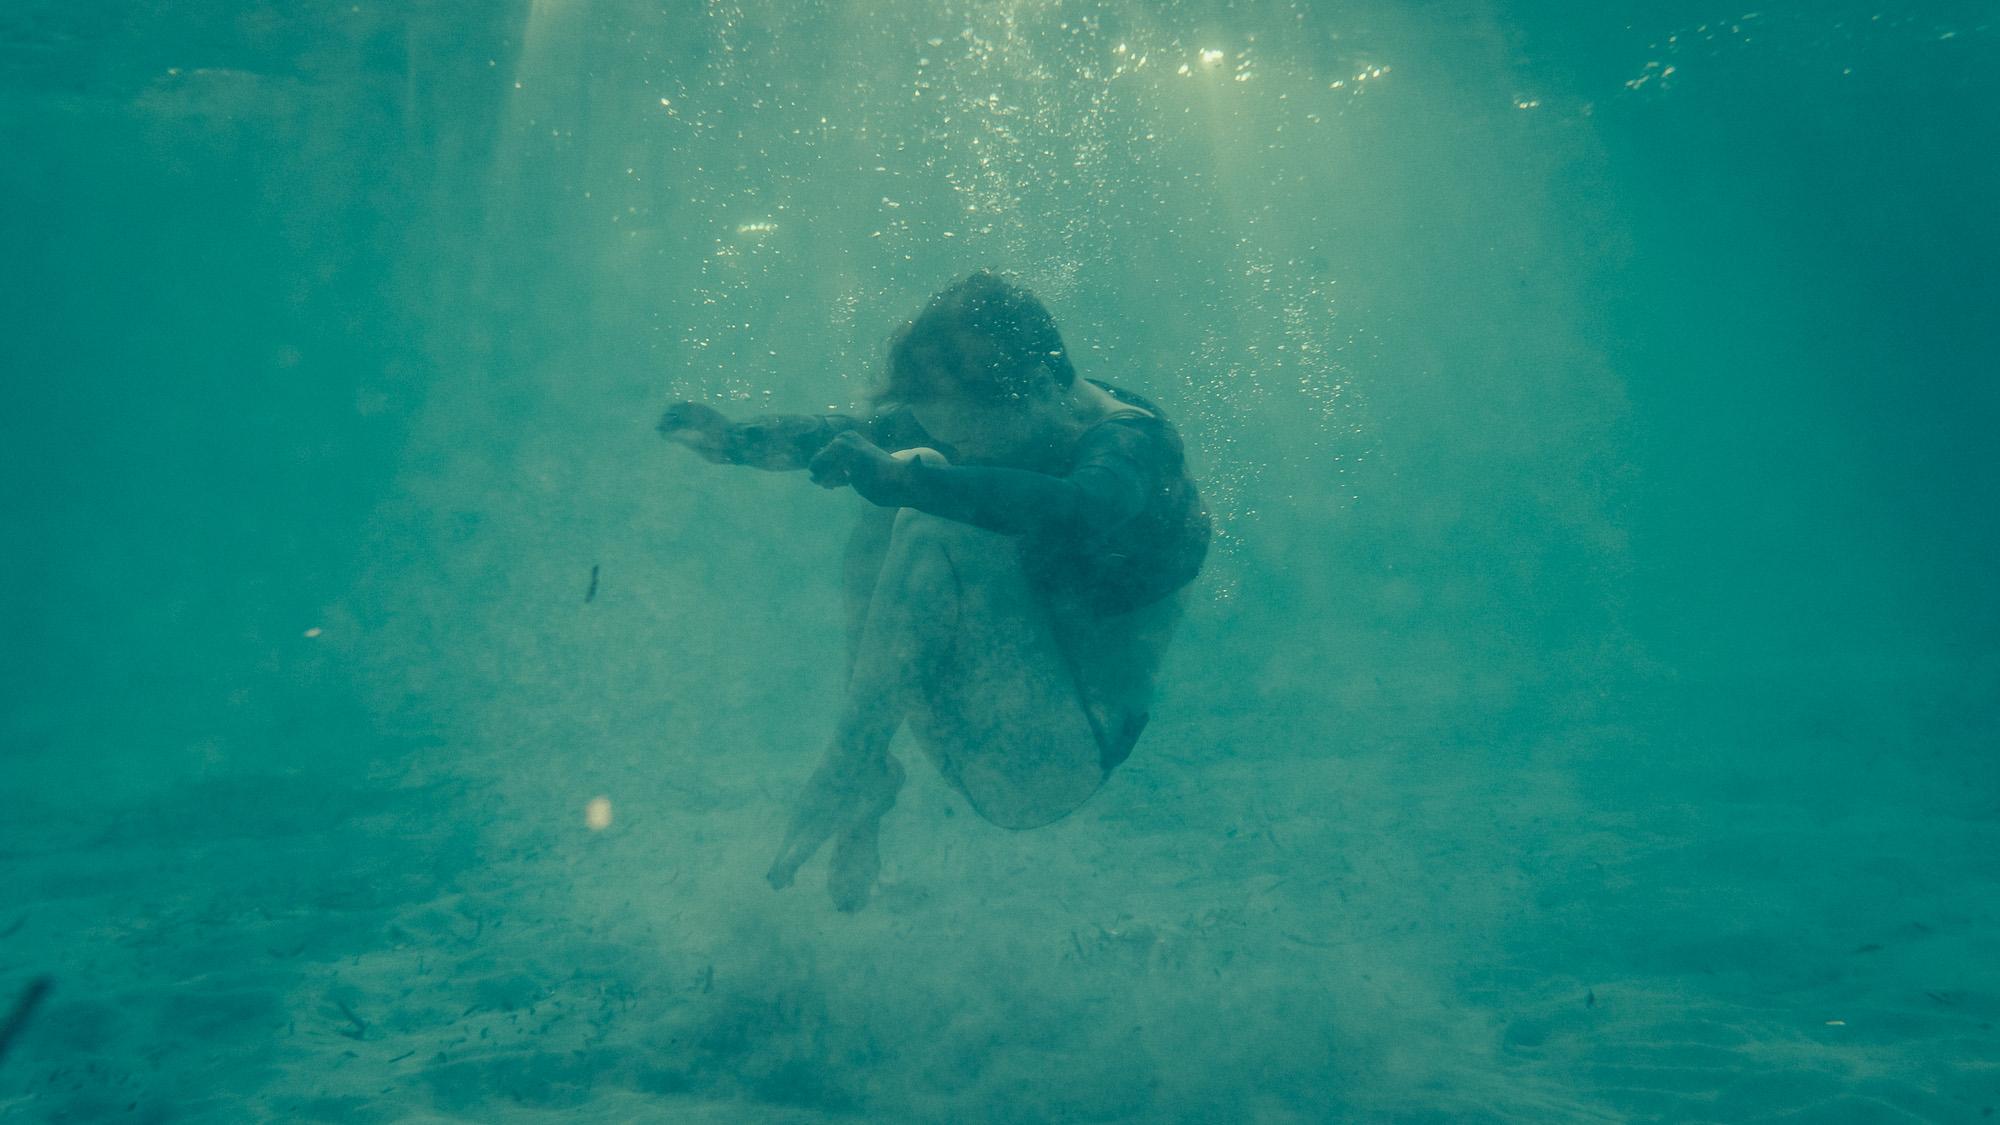 130526_Despierta_FarFavaritx_Underwater_030.jpg